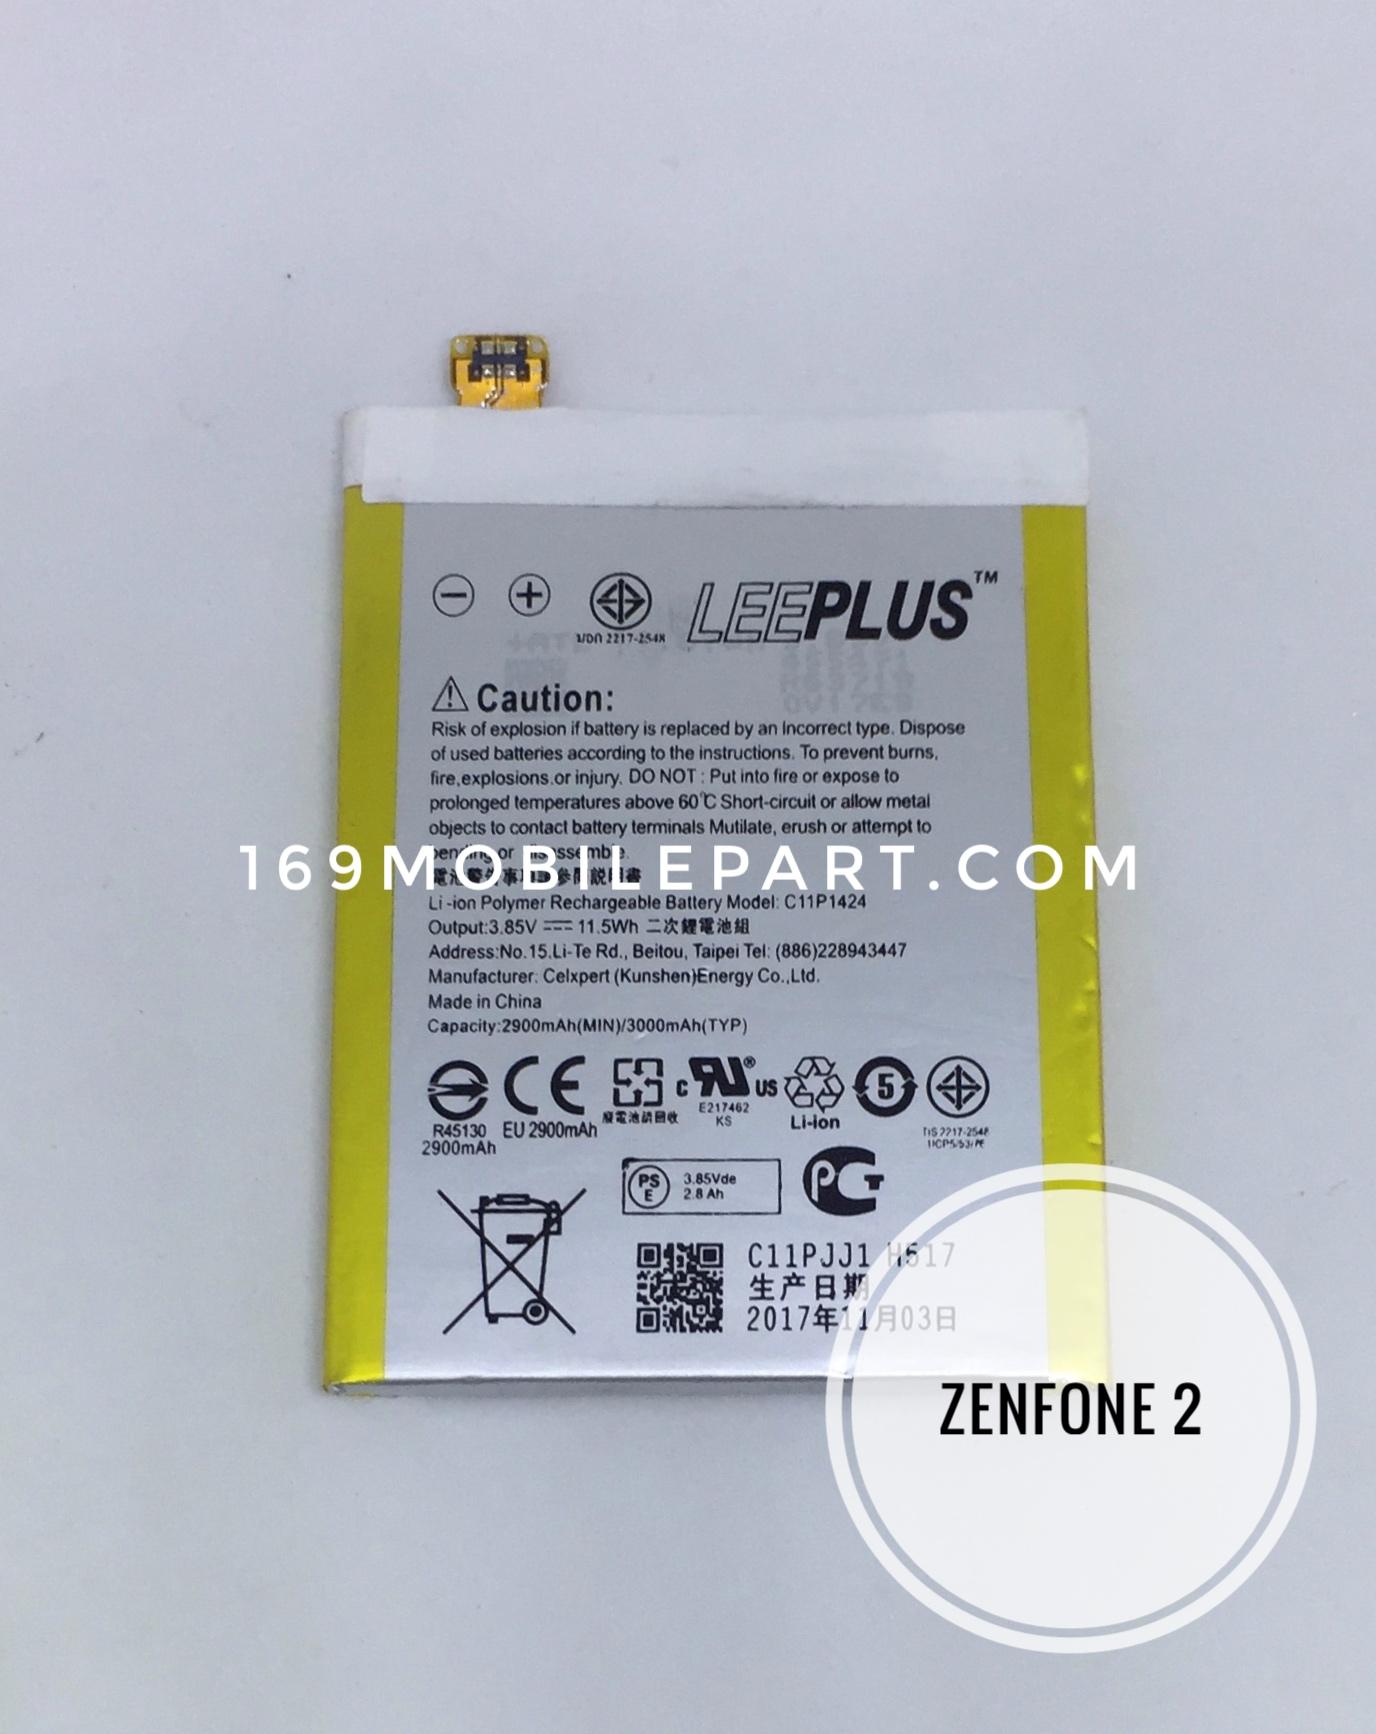 แบตเตอรี่ ASUS Zenfone 2 LEEPLUS ประกัน 1 ปี